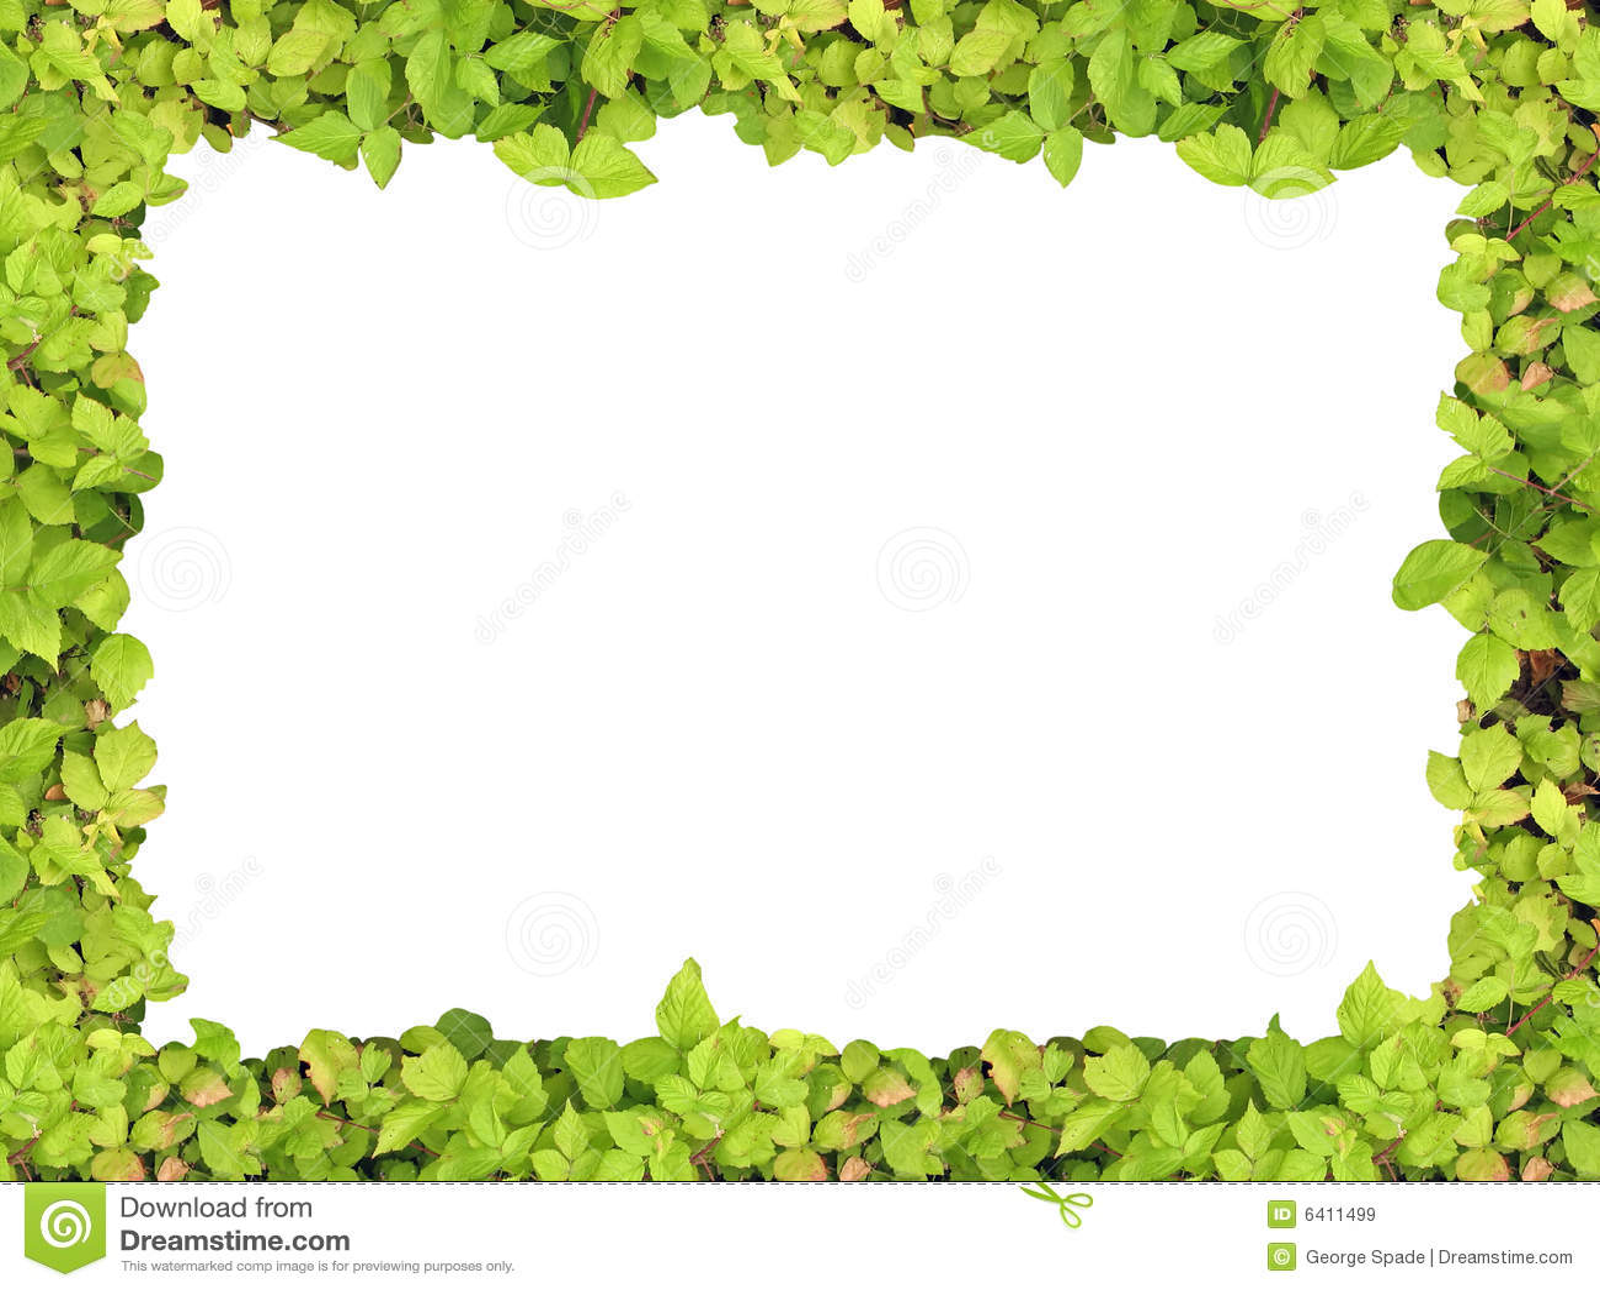 Marco verde stock de ilustración. Ilustración de contexto - 6411499